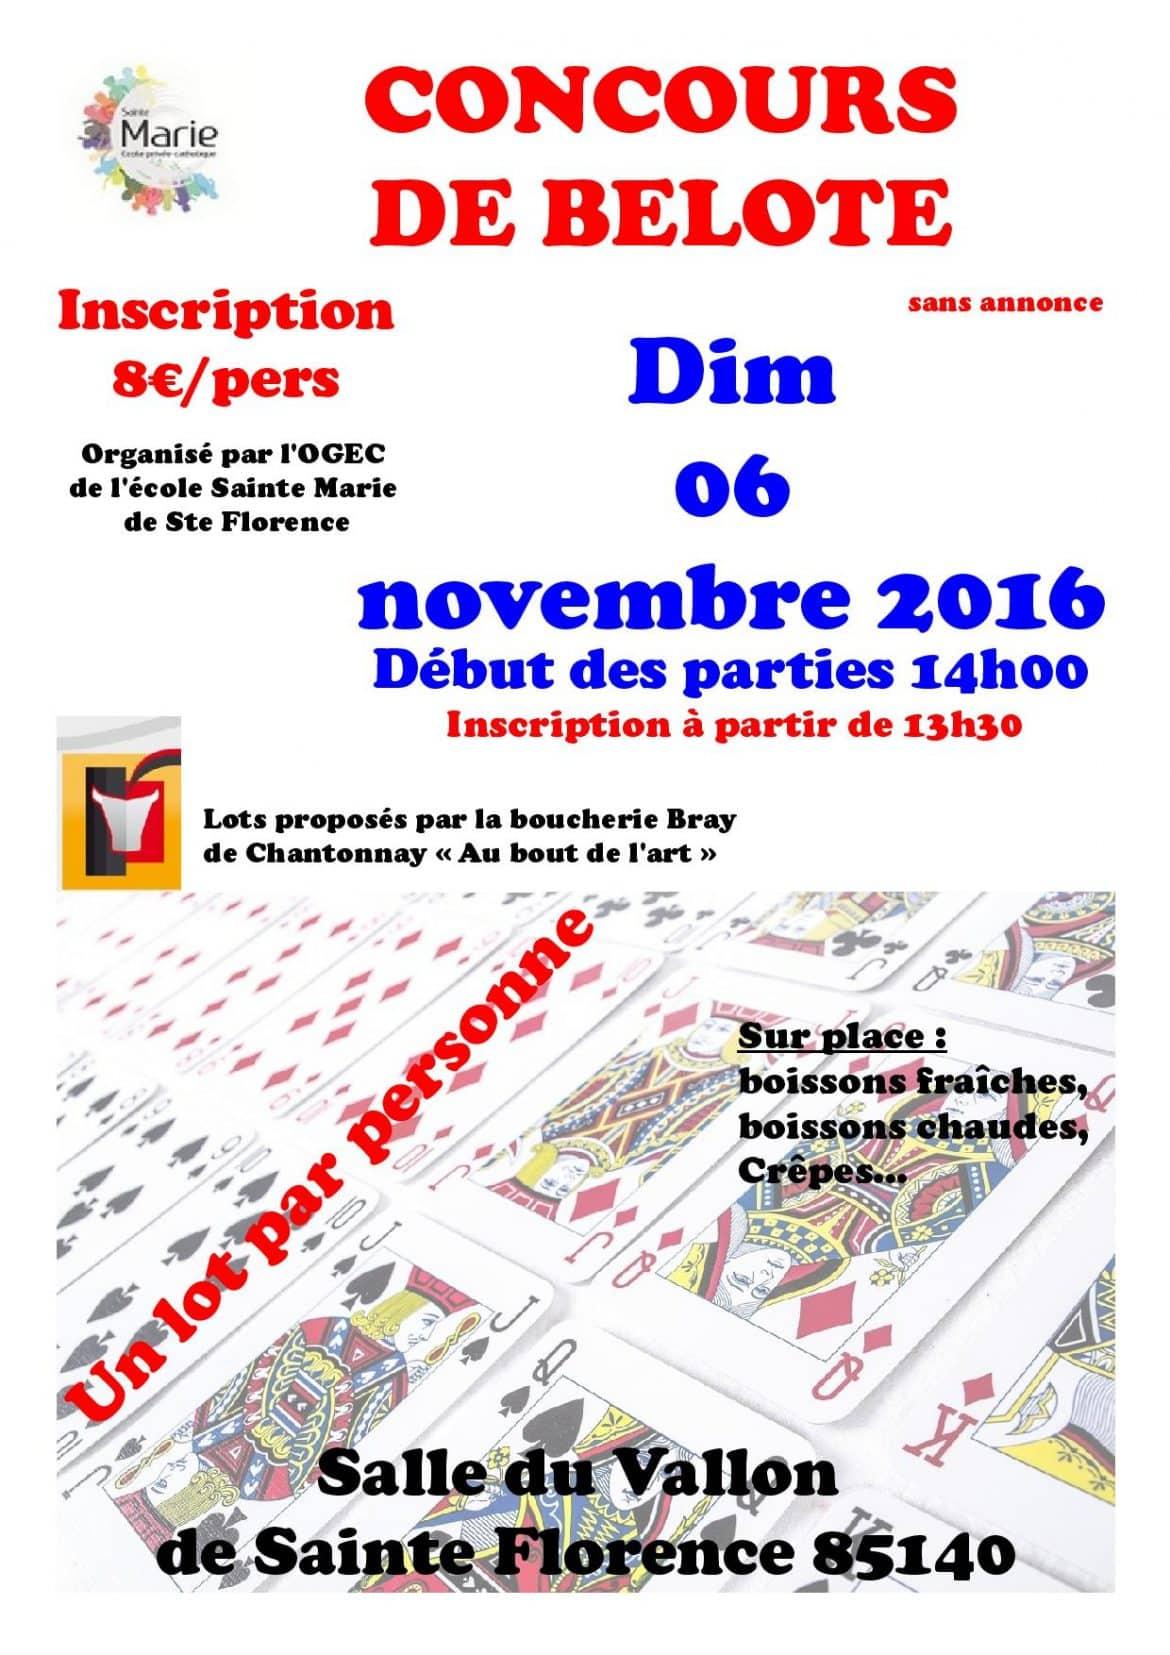 Affiche Concours de Belote Dimanche 6 Novembre 2016 Sainte-Florence